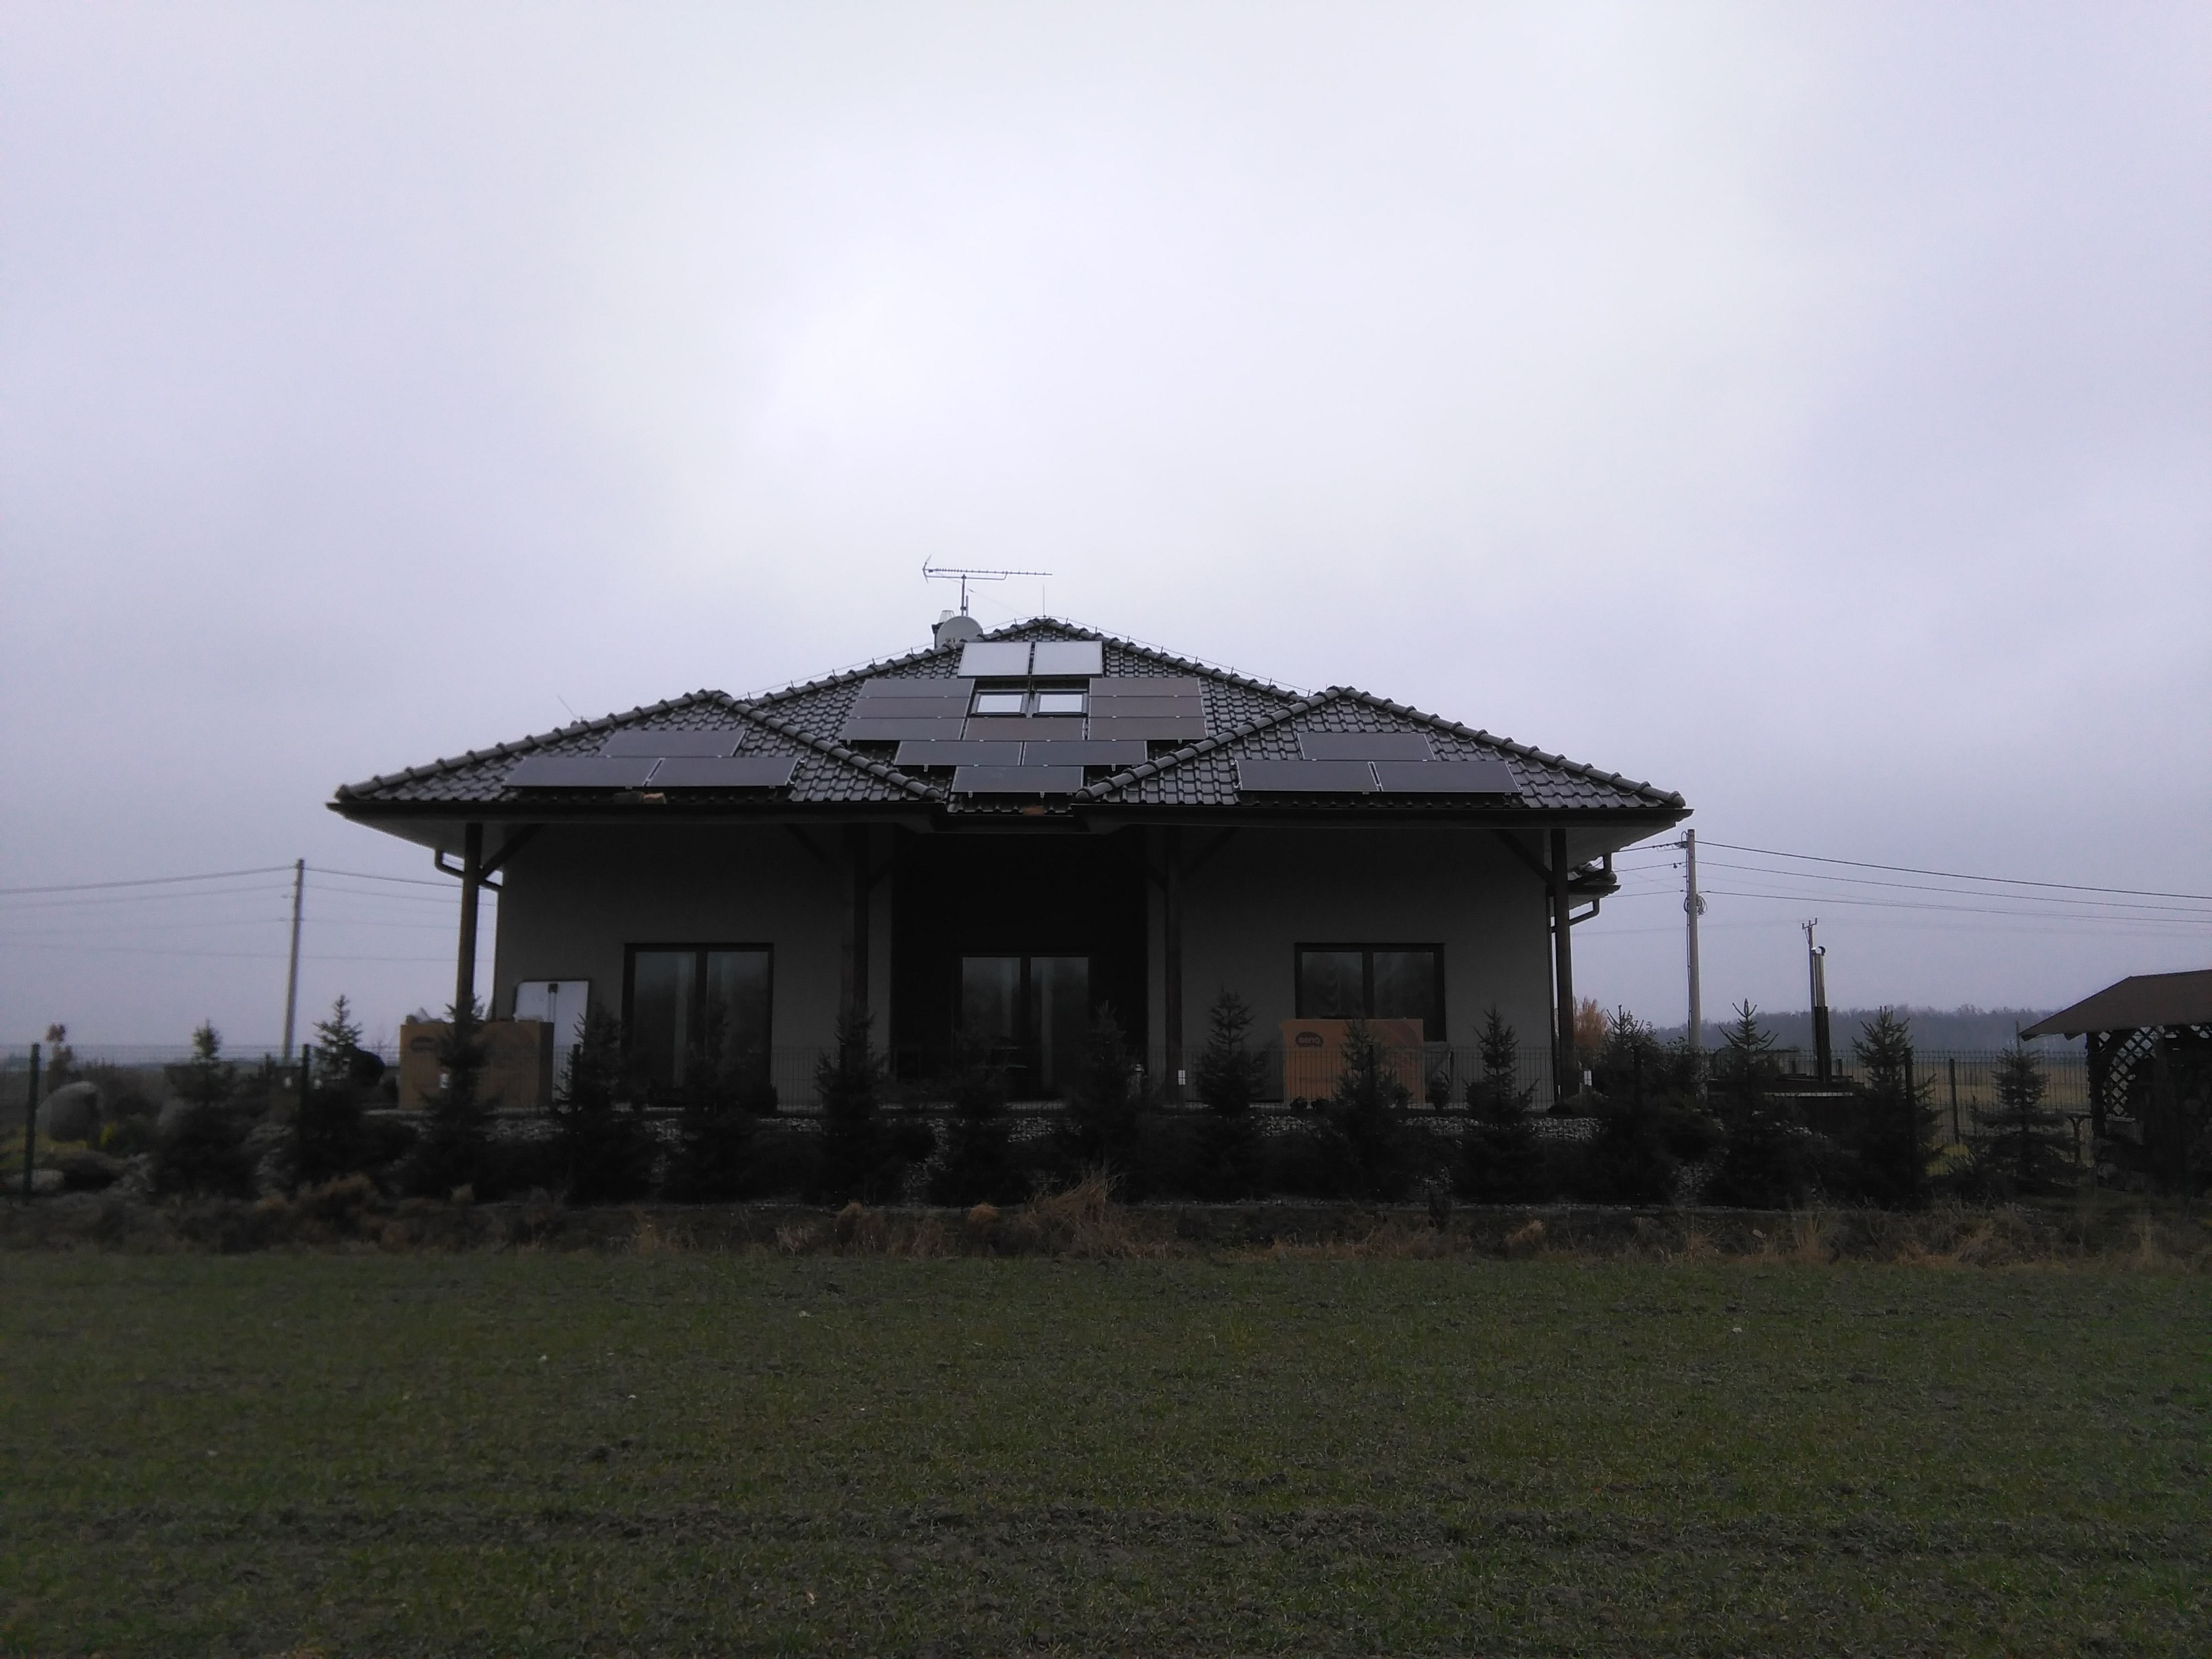 instalacja-pv-rachowice-benq-sma